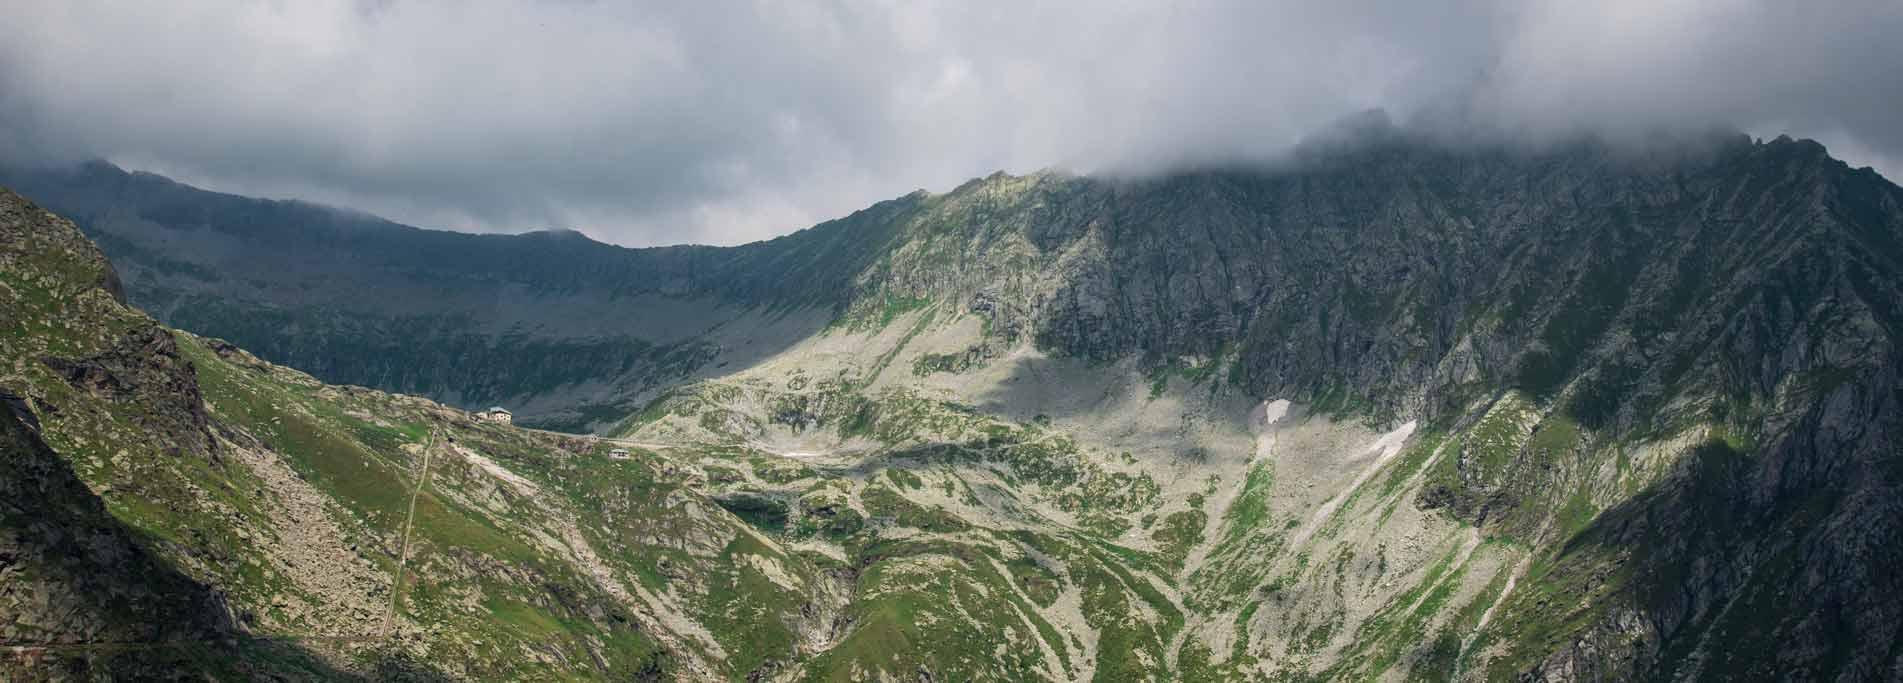 Anello delle dighe della Valle Antrona